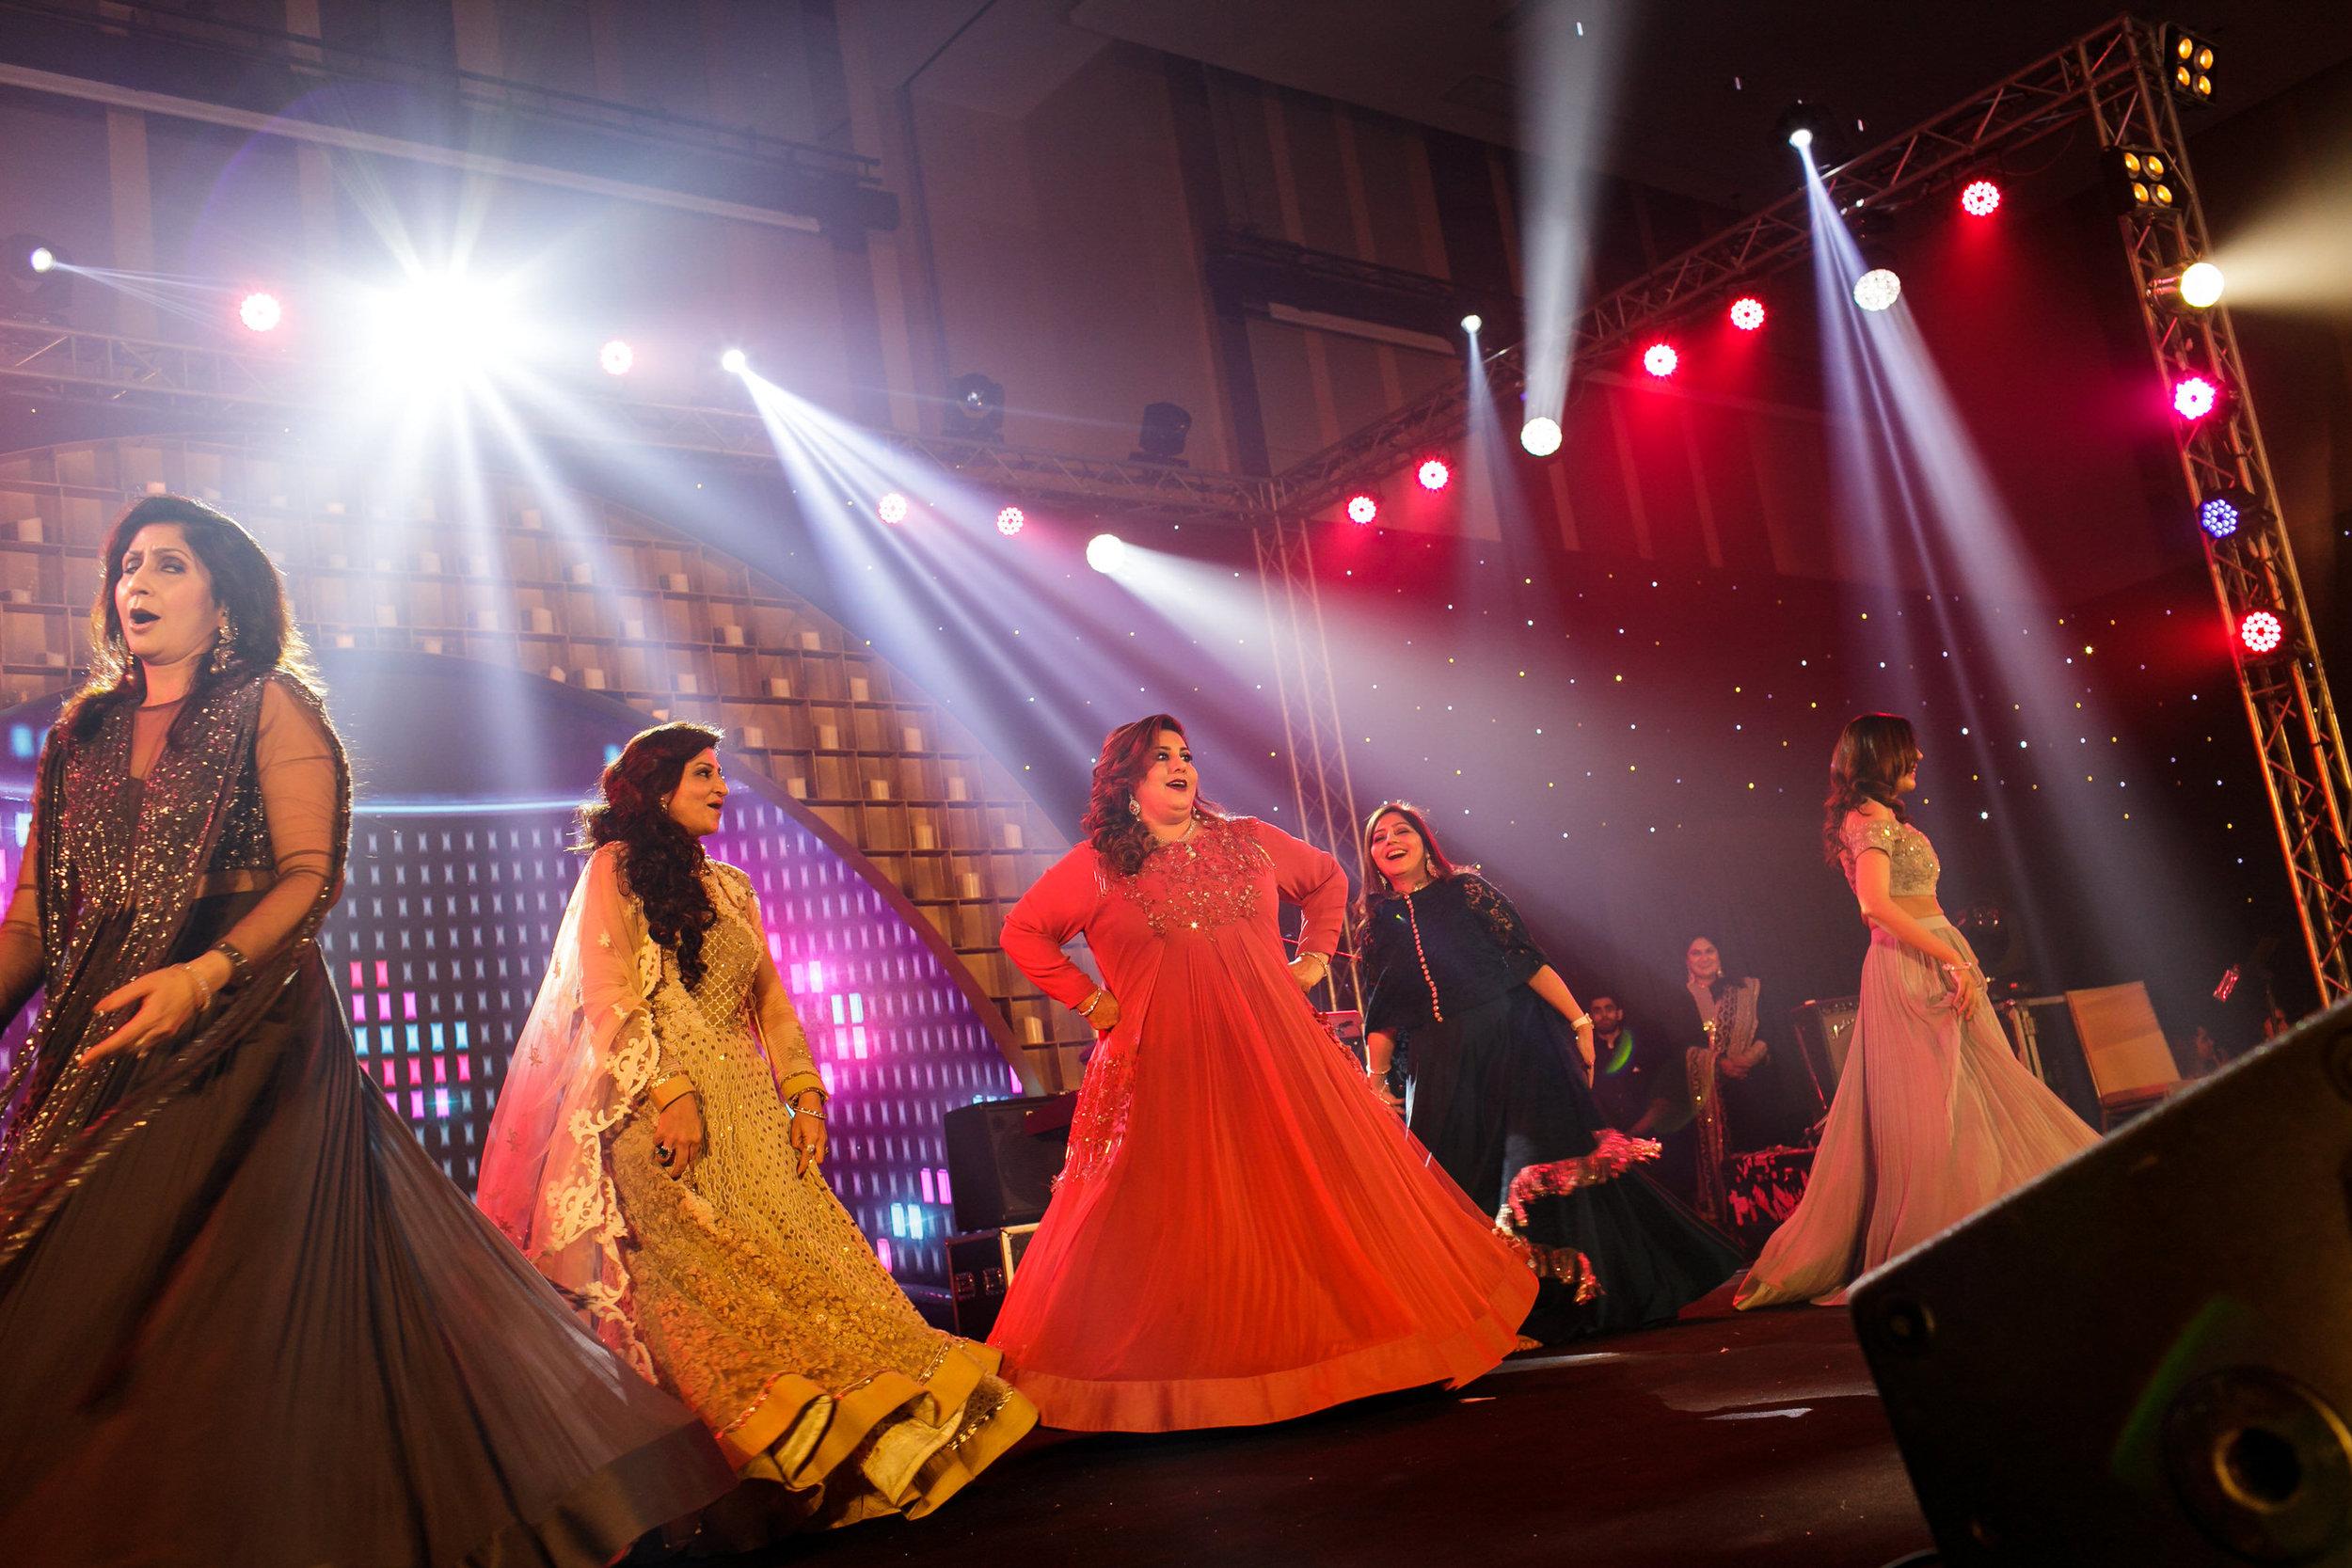 K&S_Anantara_Bangkok_www.samandekta.com_49.JPG